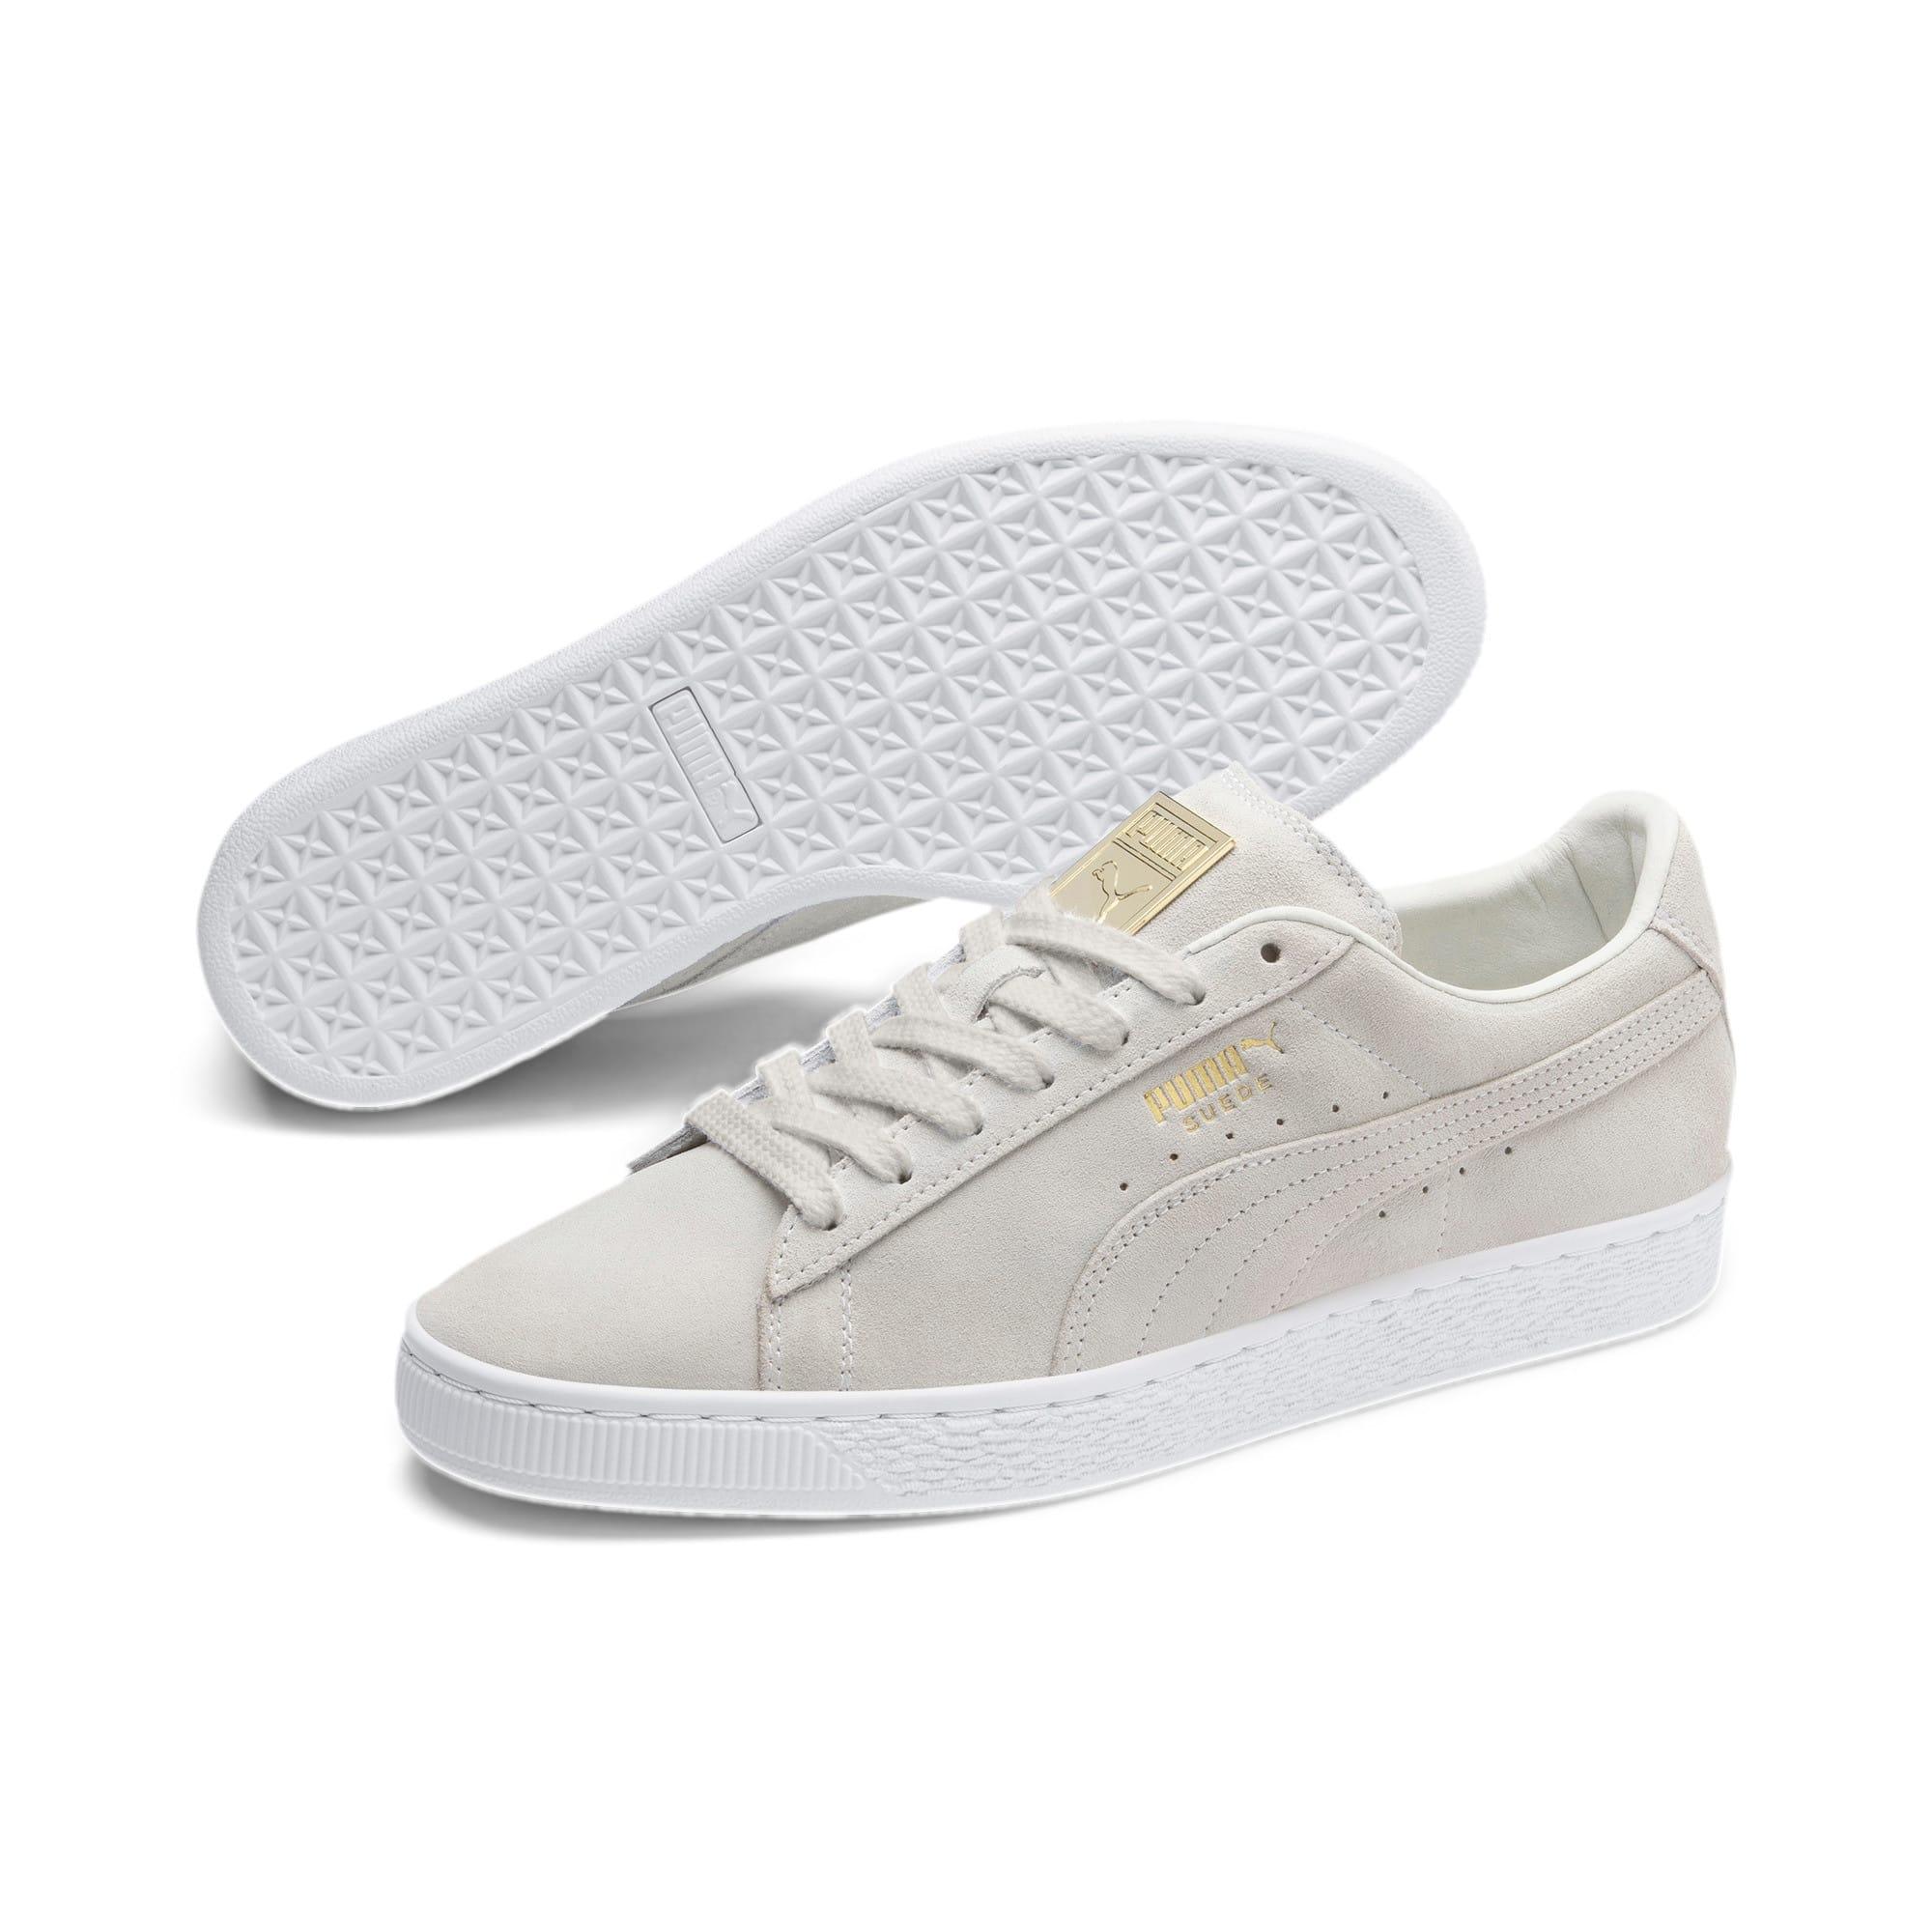 Miniatura 3 de Zapatos deportivos Suede Classic Metal Badge, Puma White-White-Team Gold, mediano